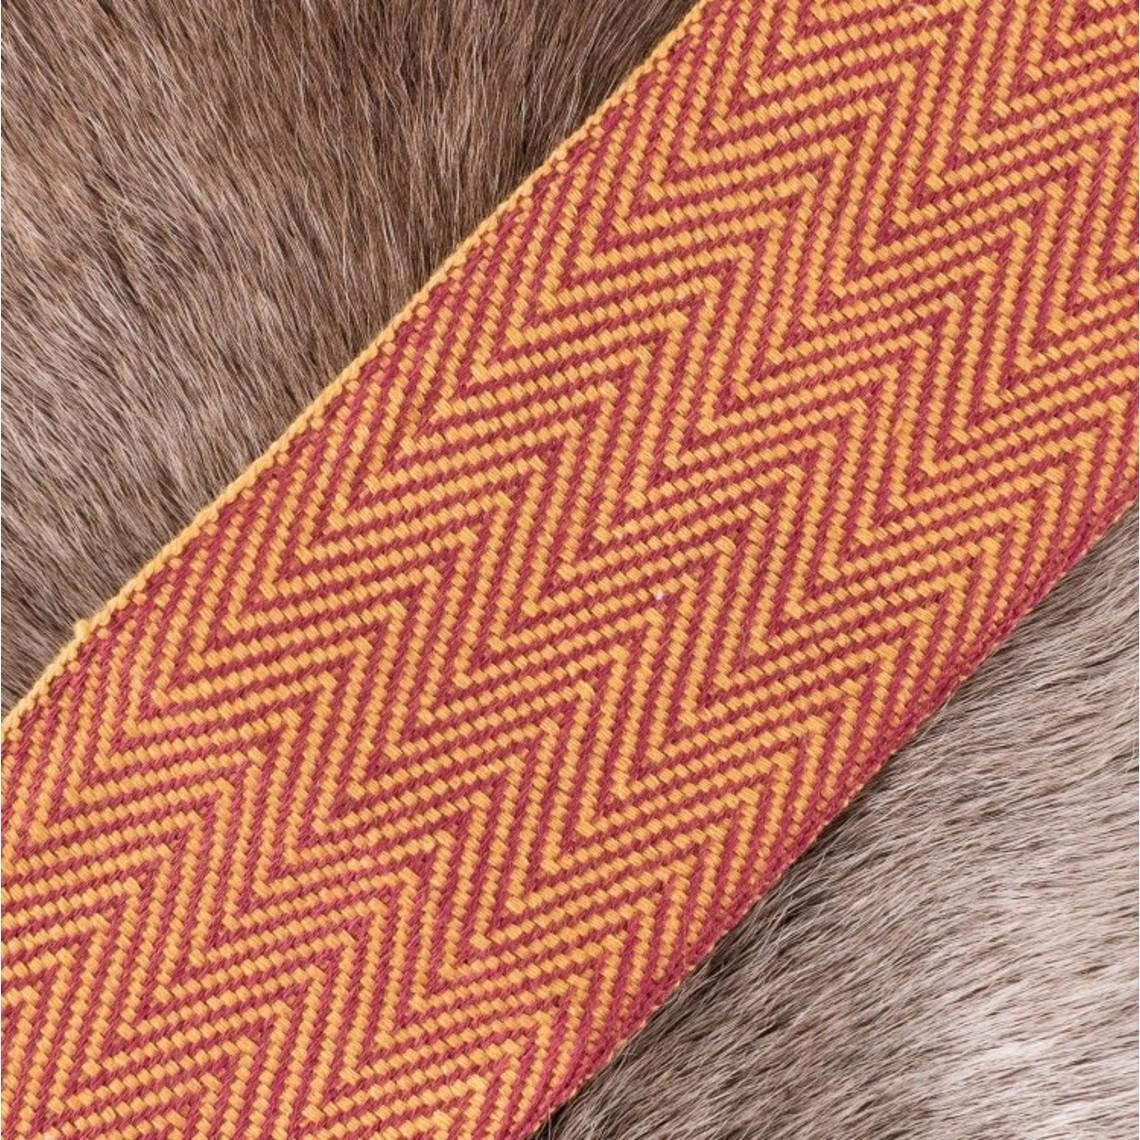 Vissegraatmotief stof geel-rood, 10 cm breed, per 7 meter